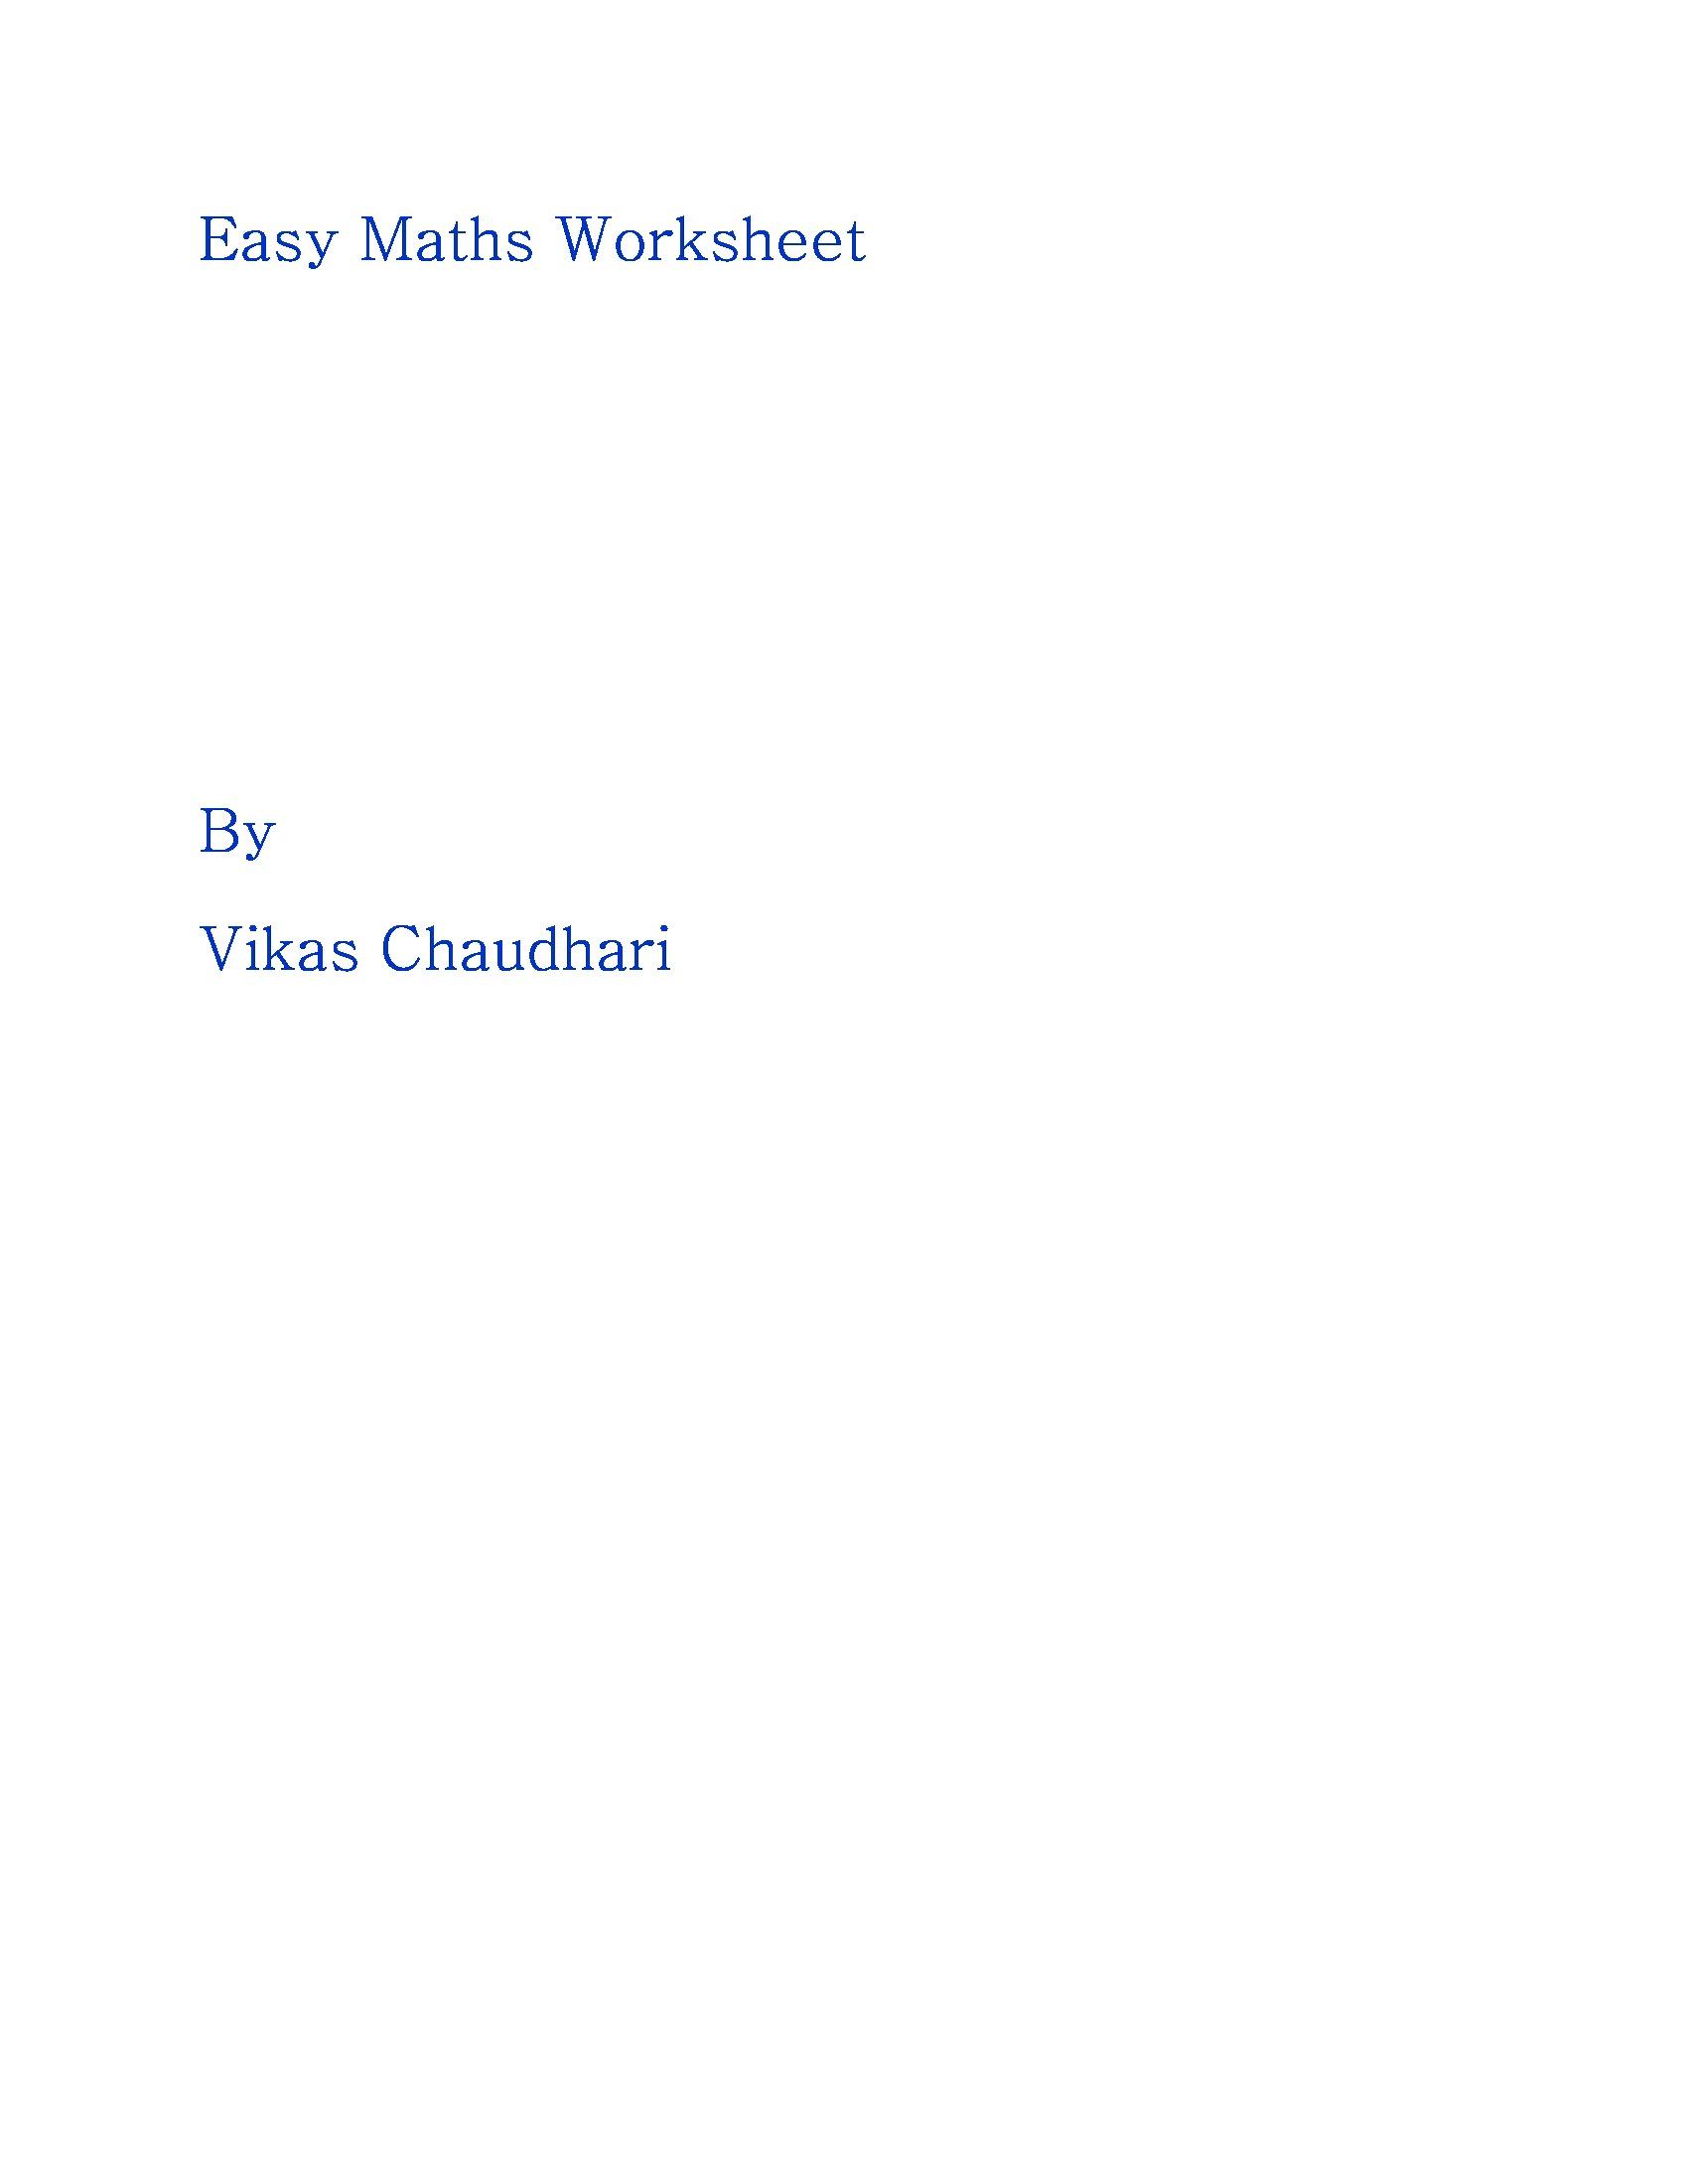 Easy Maths Worksheets Sample1 Ebook Ebook